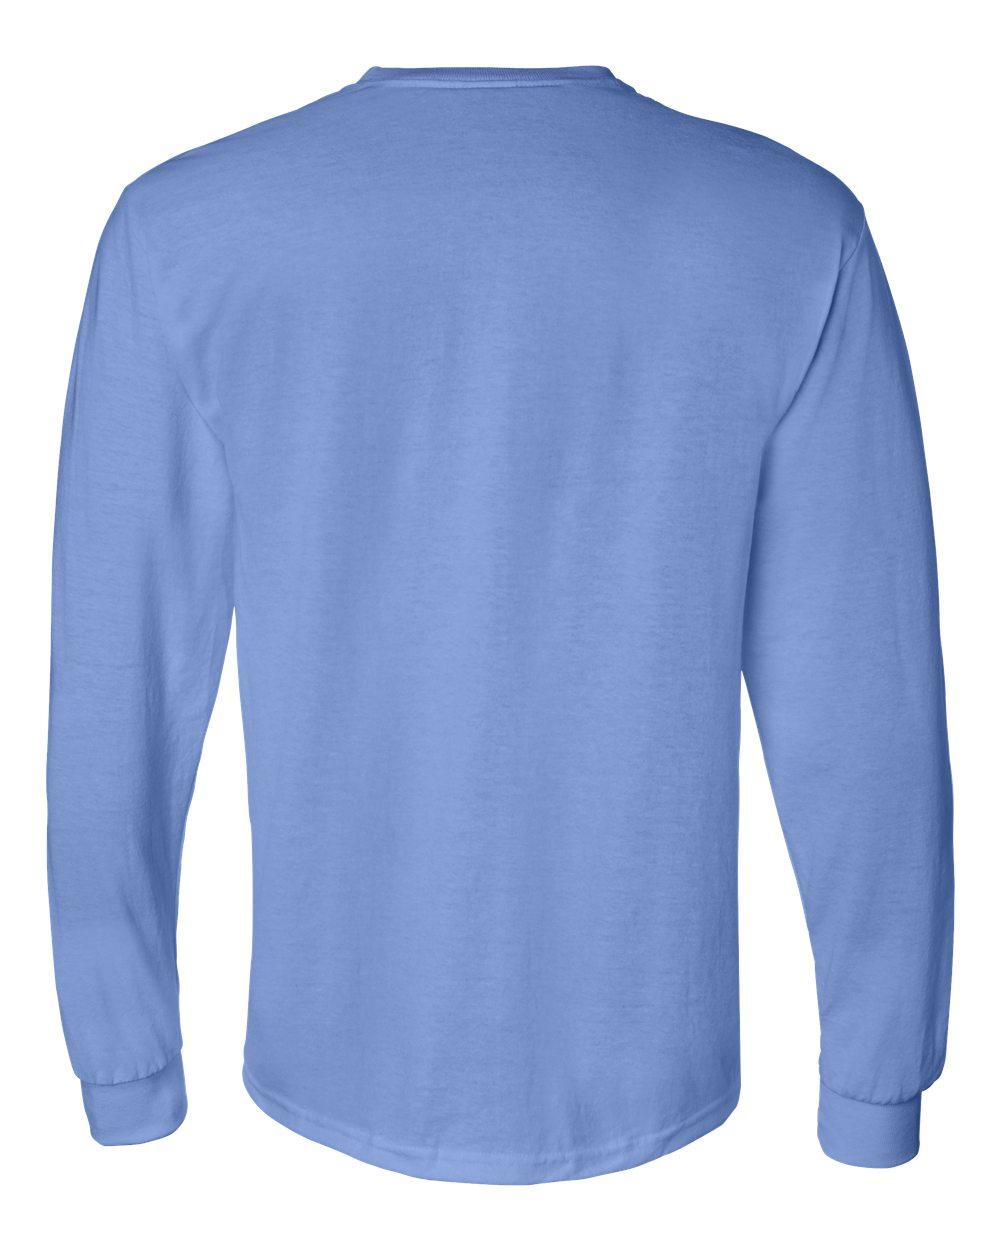 Gildan-Mens-Blank-DryBlend-50-50-Cotton-Long-Sleeve-T-Shirt-8400-up-to-3XL miniature 13